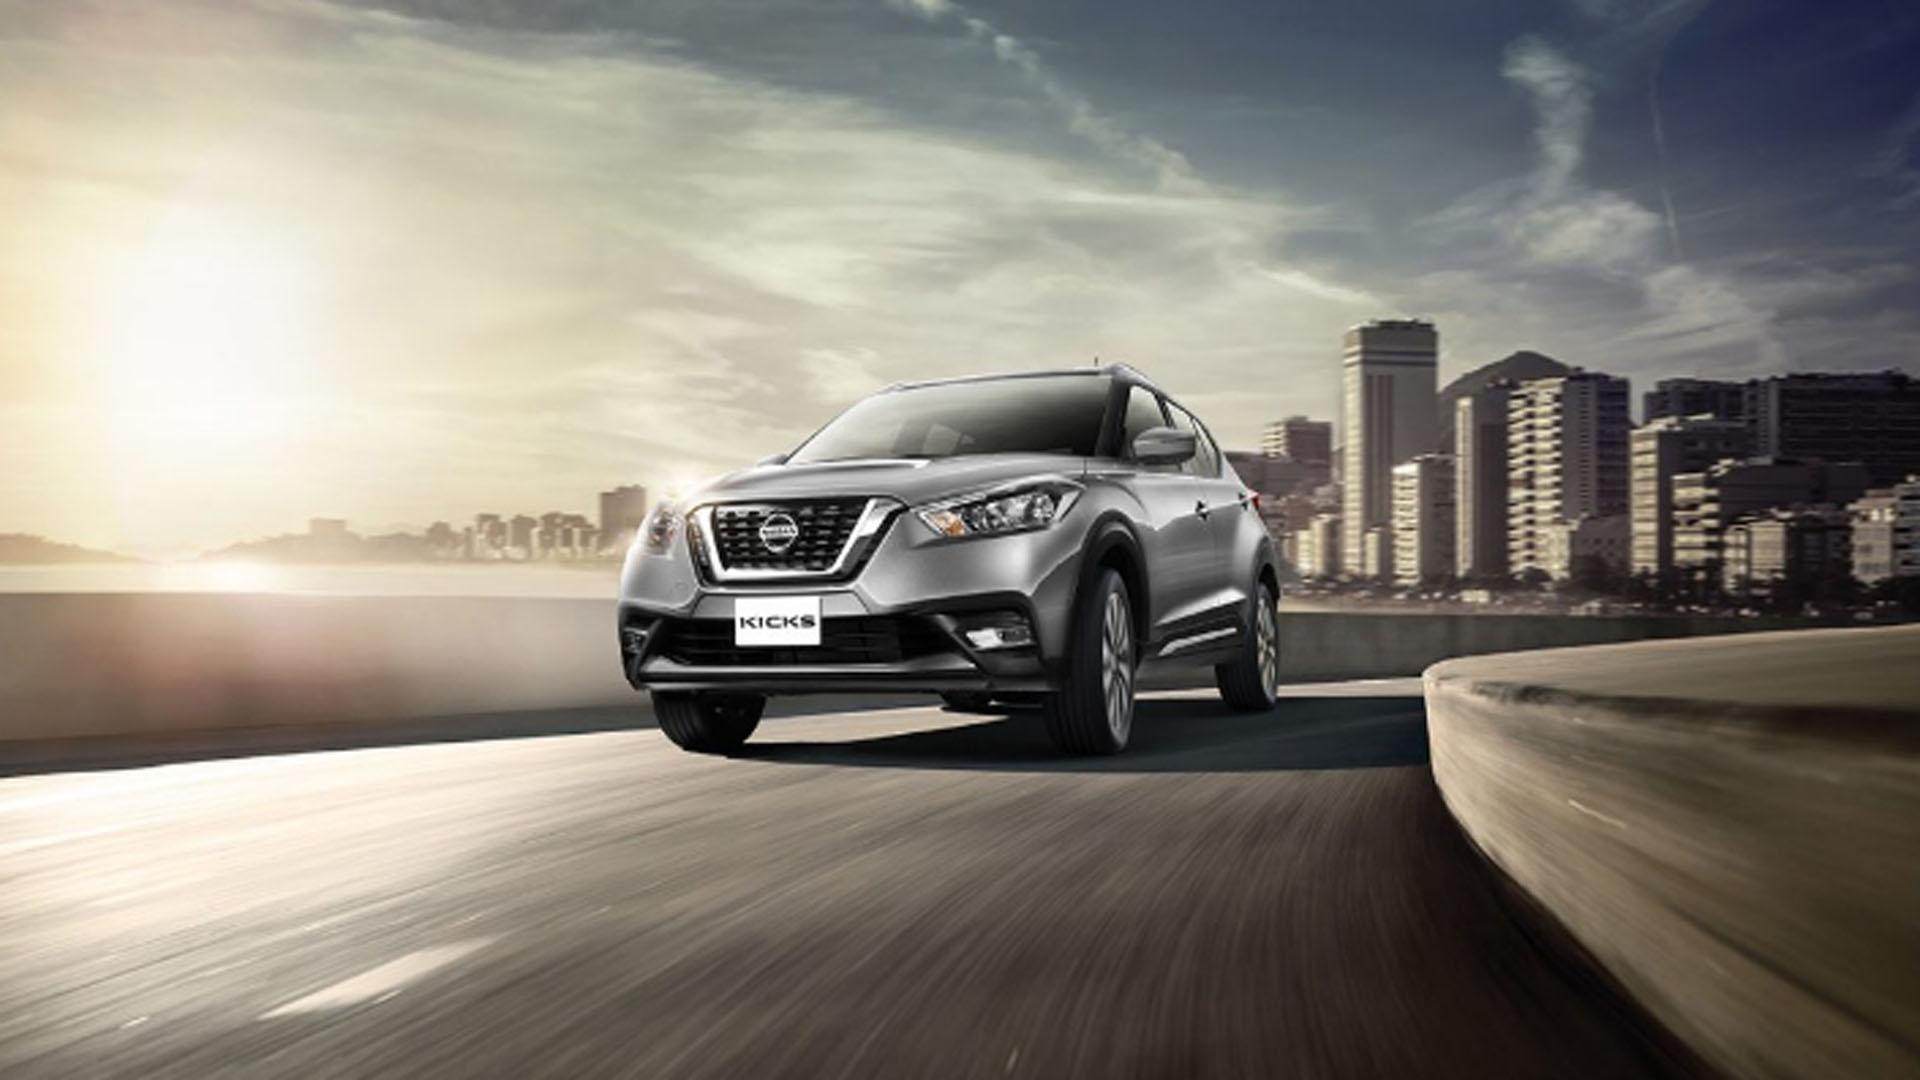 Con diseño único, manejo dinámico y un radio de giro pequeño, el Nuevo Nissan Kicks está listo para cualquier reto en la ciudad